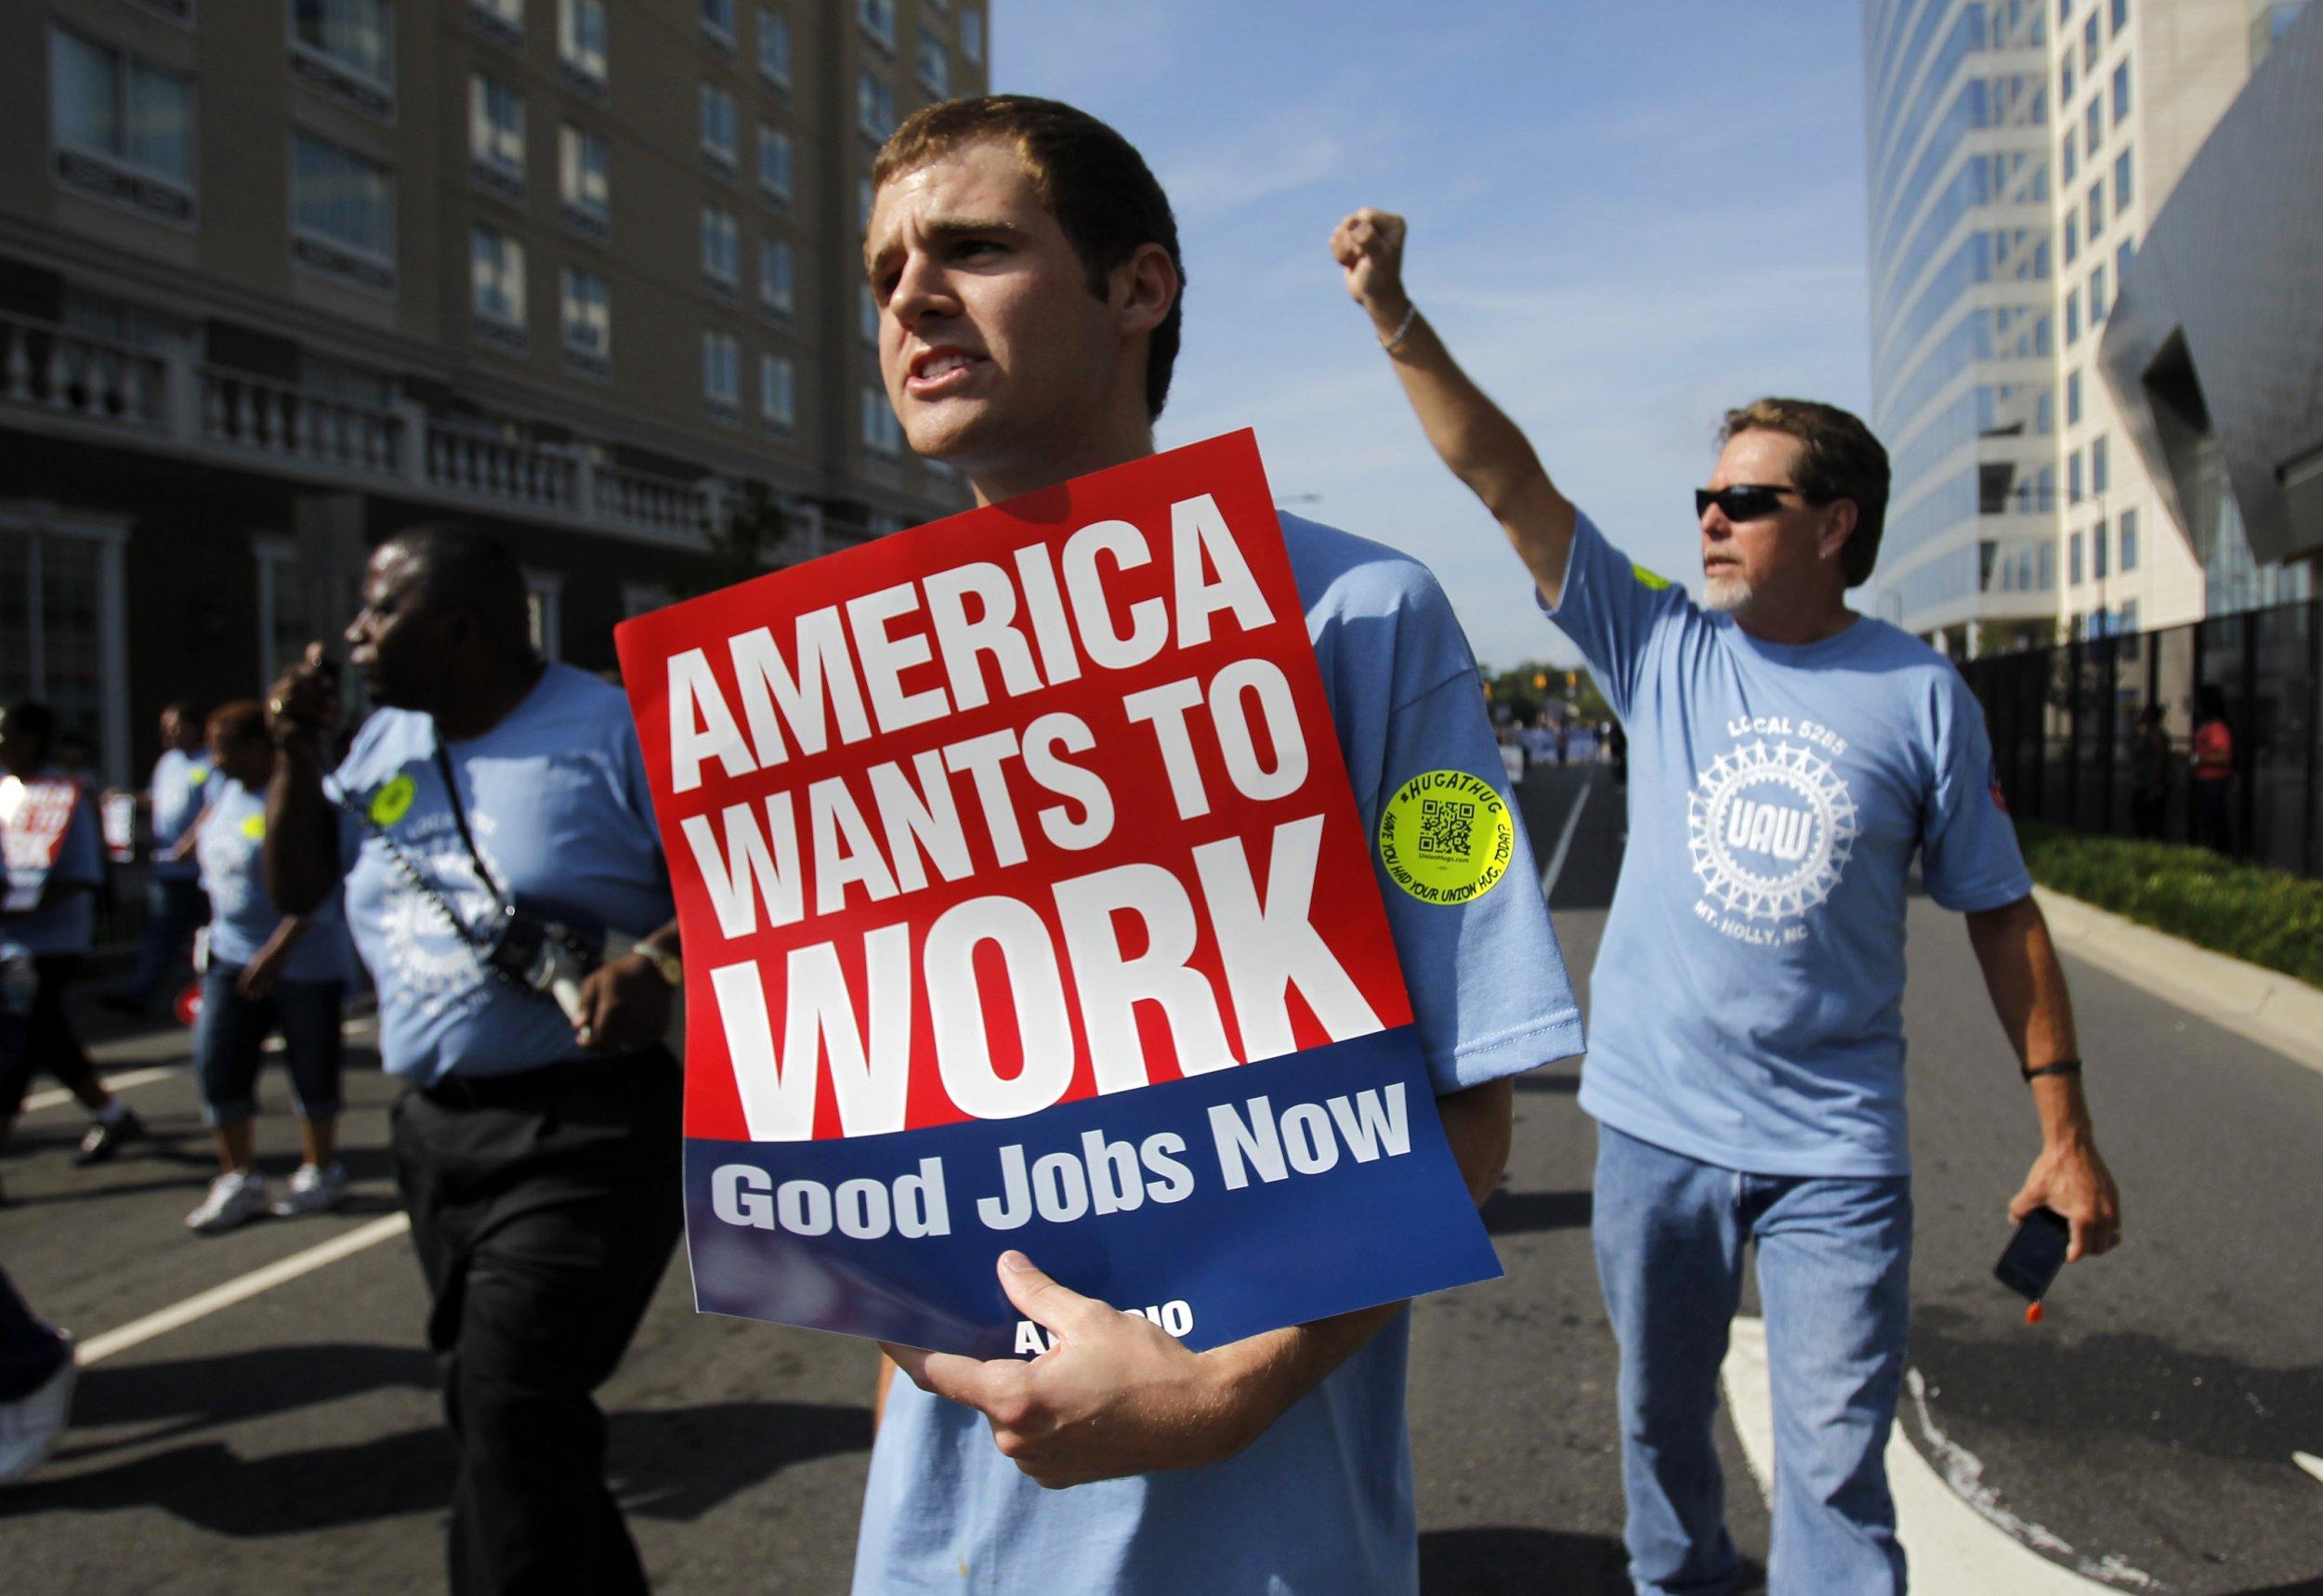 9/4 Labor Day Jobs America